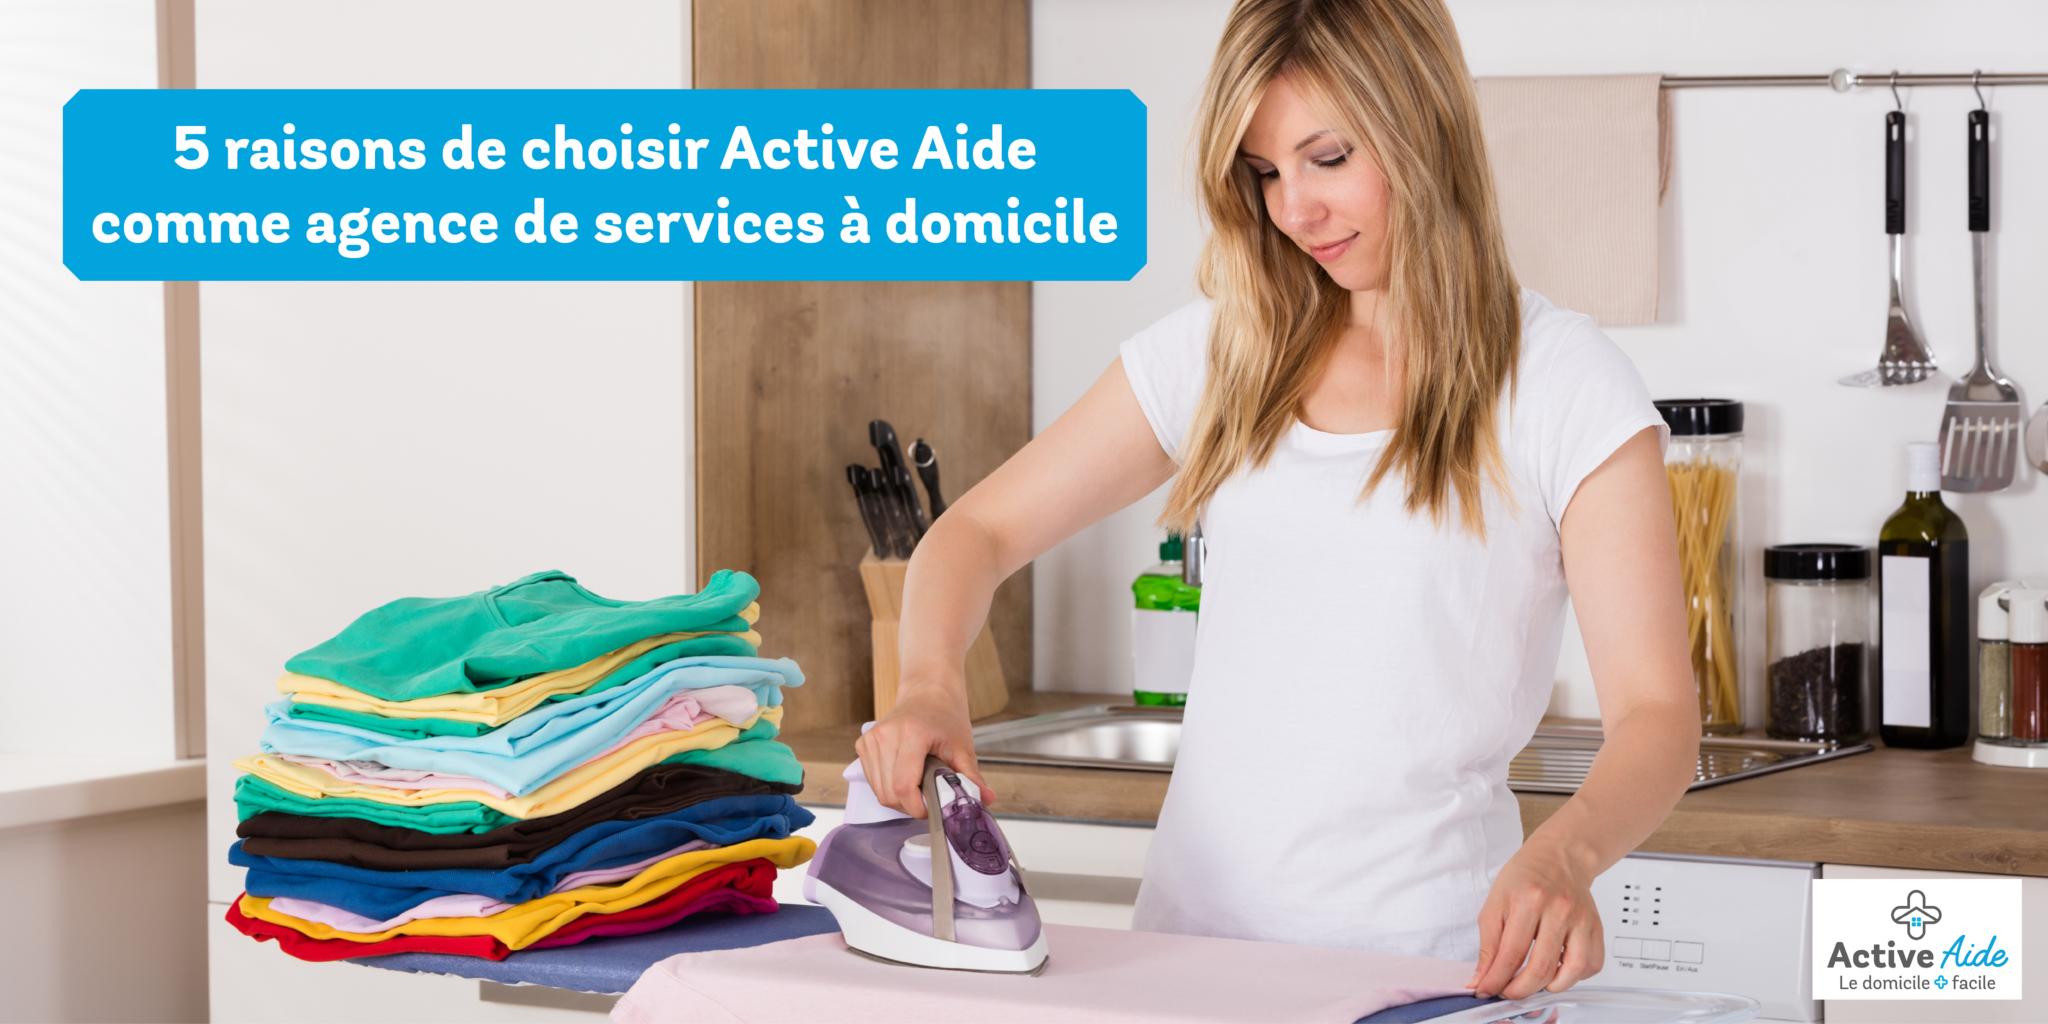 5 raisons de choisir Active Aide comme agence de services à domicile